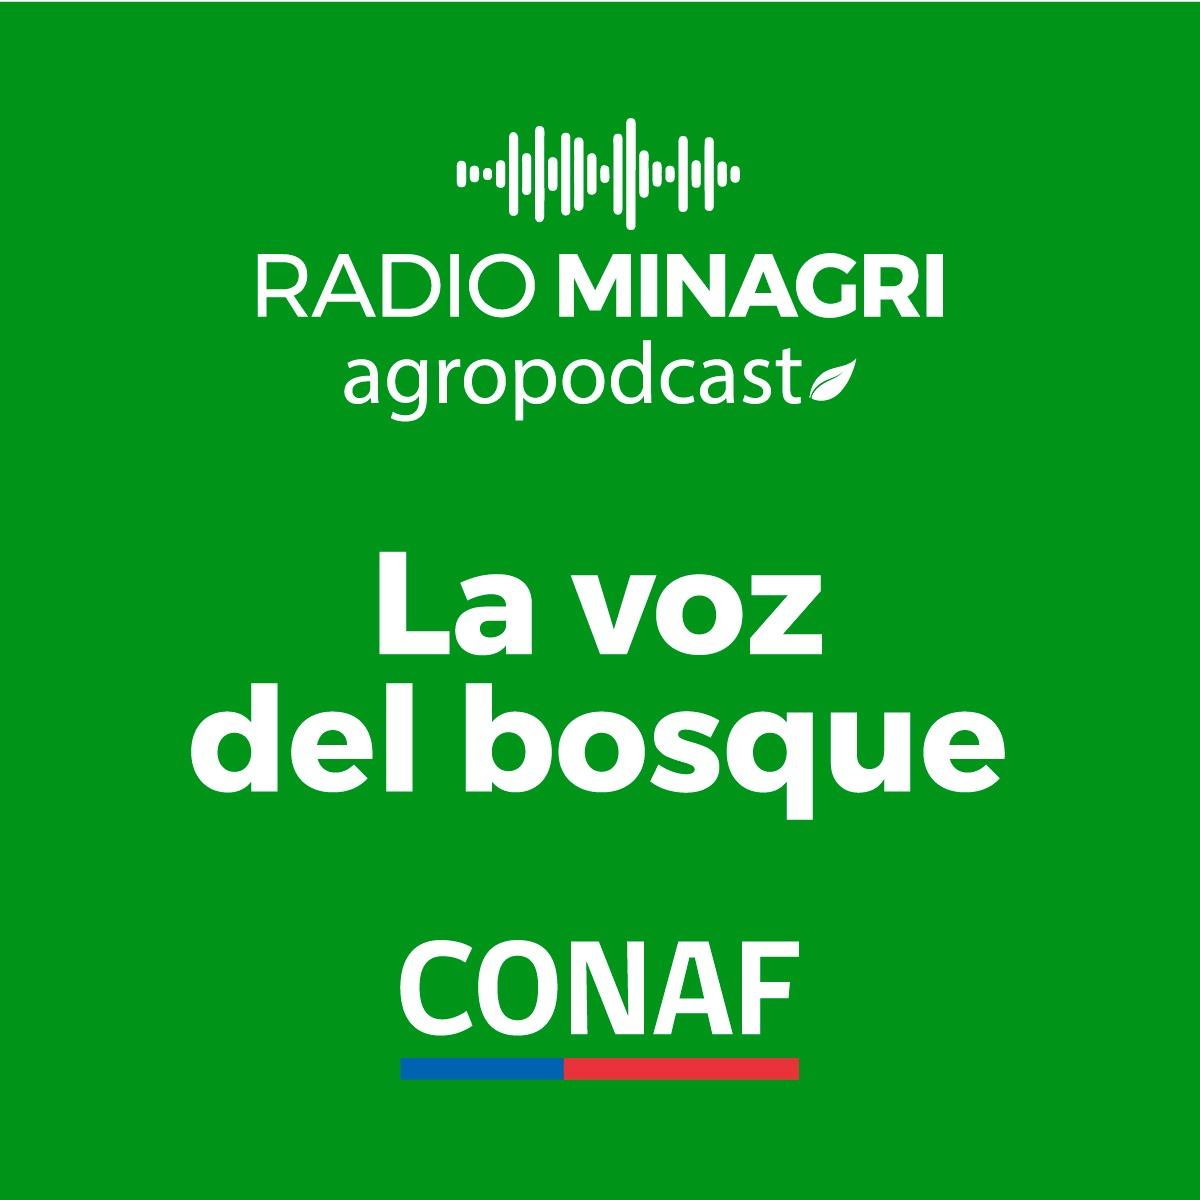 La voz del bosque – Episodio 18: Control de Incendios Forestales en Valparaíso